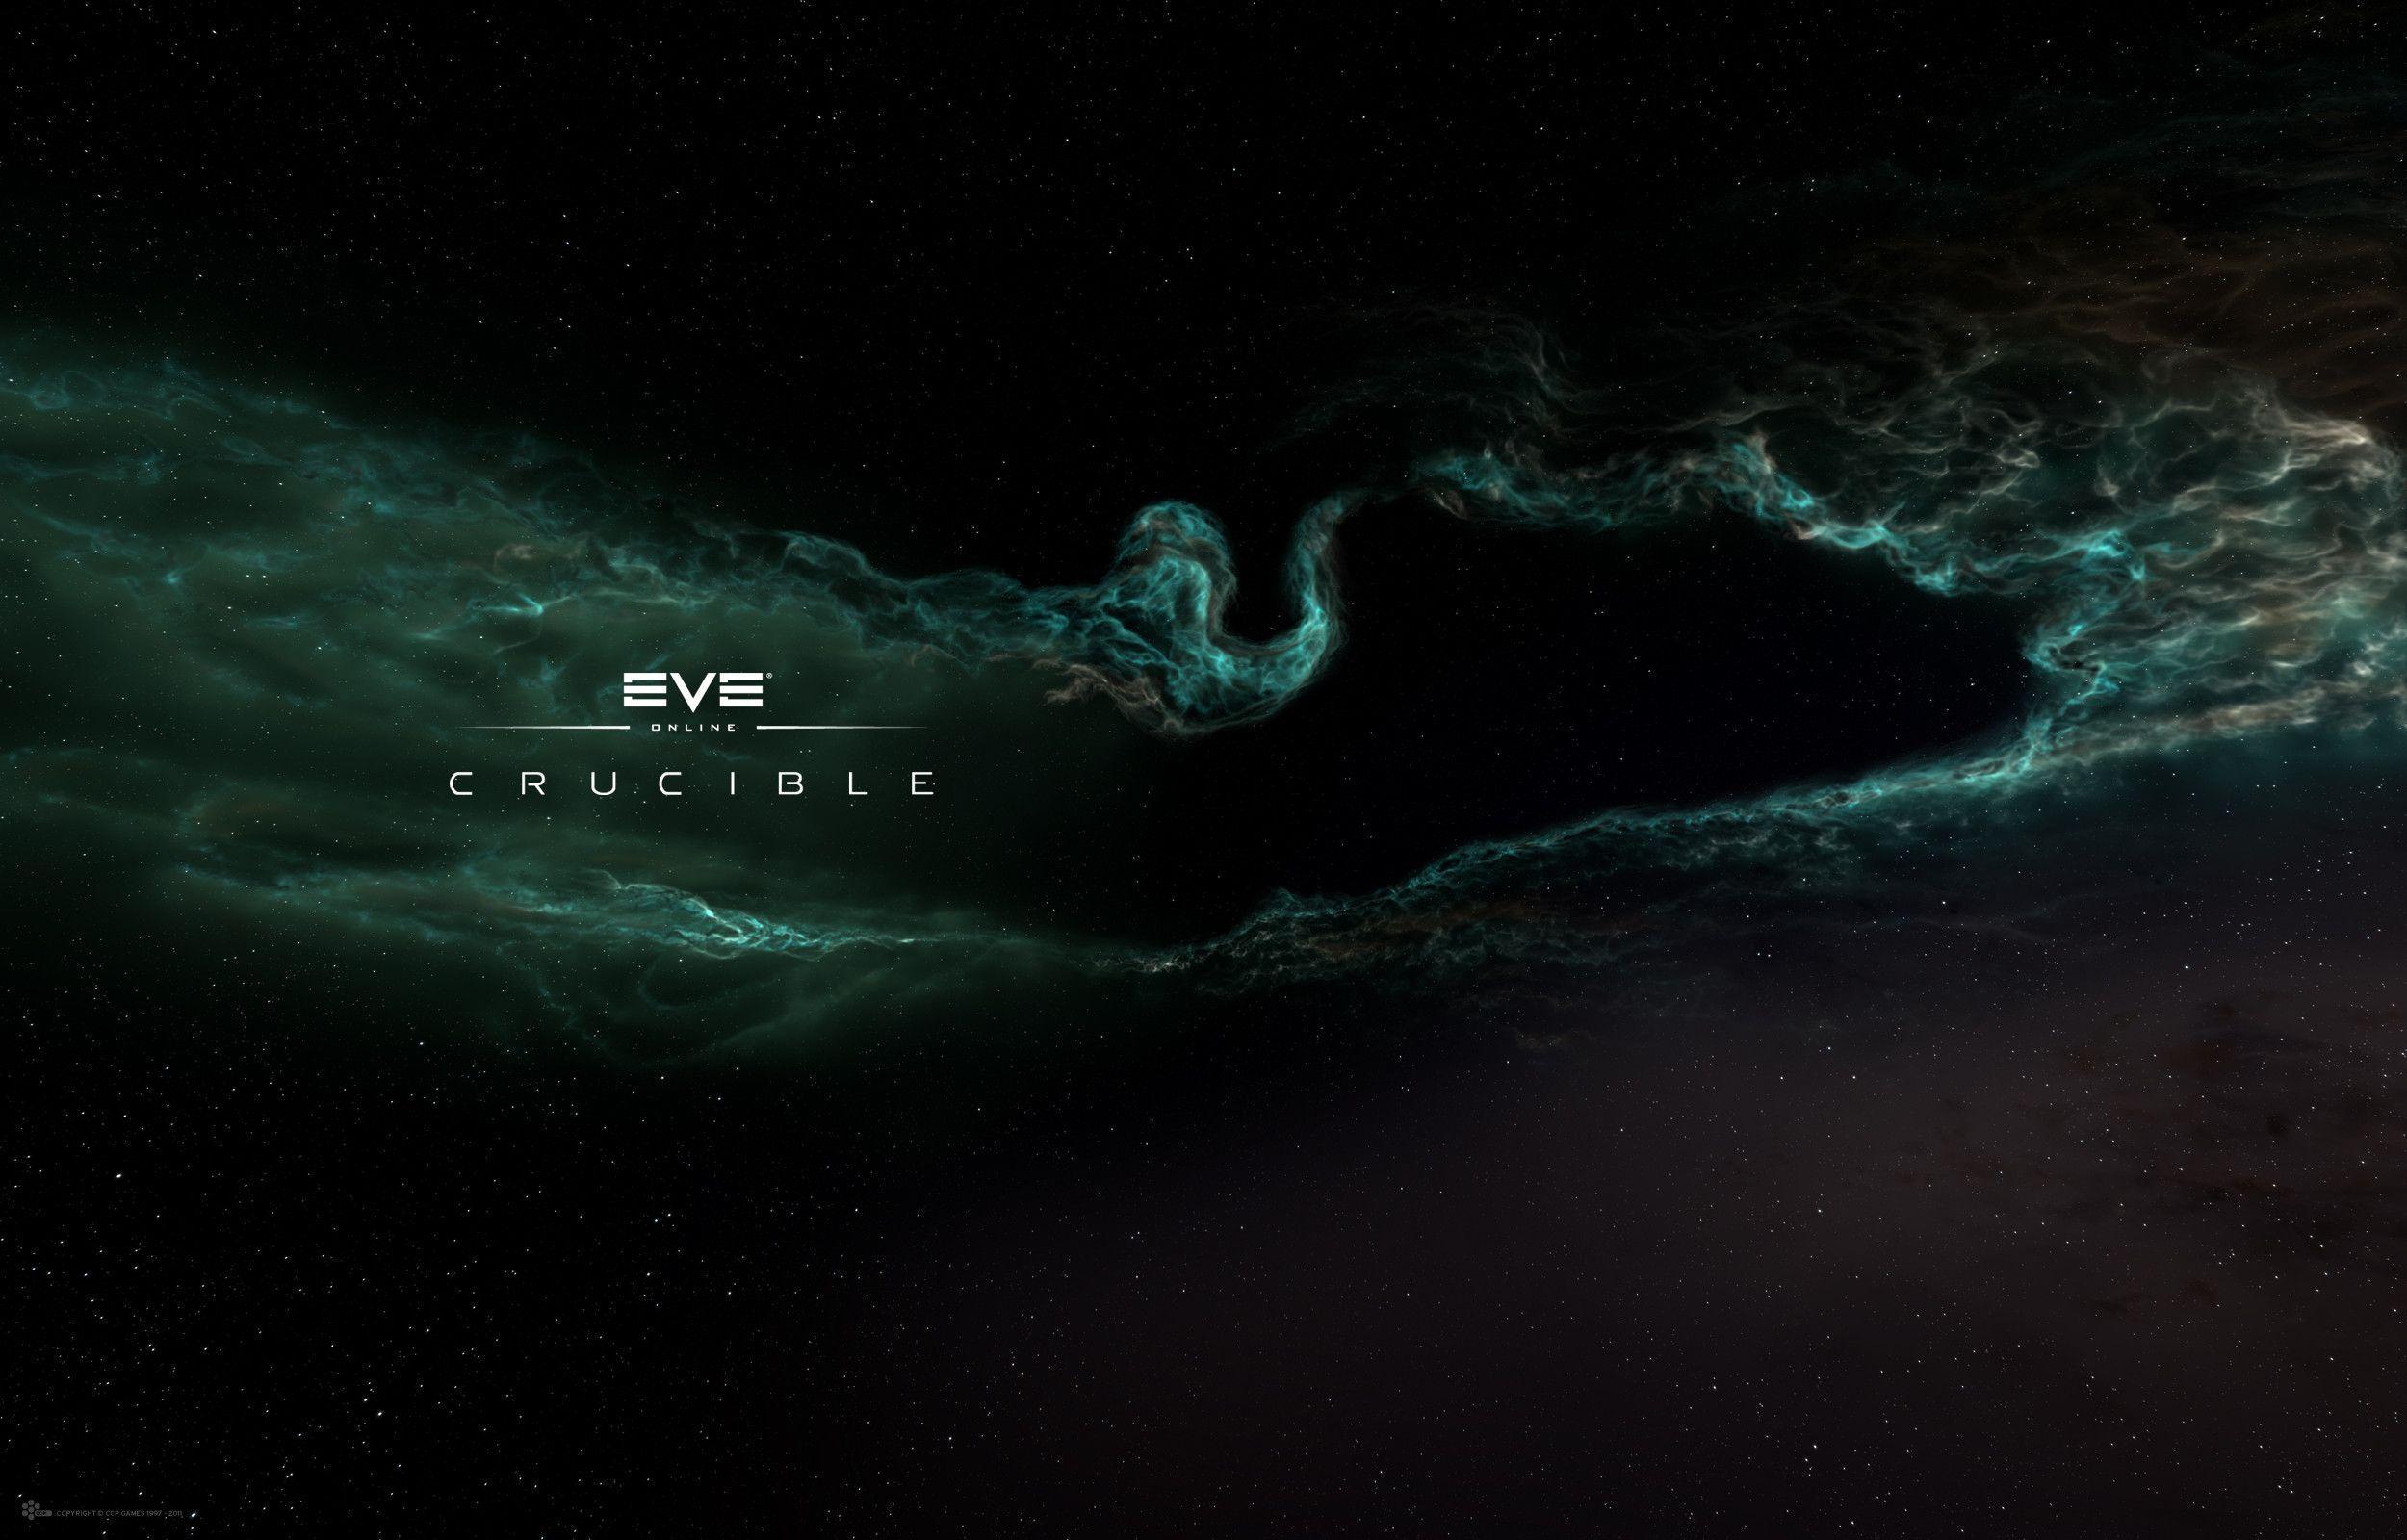 eve online desktop wallpaper - photo #18